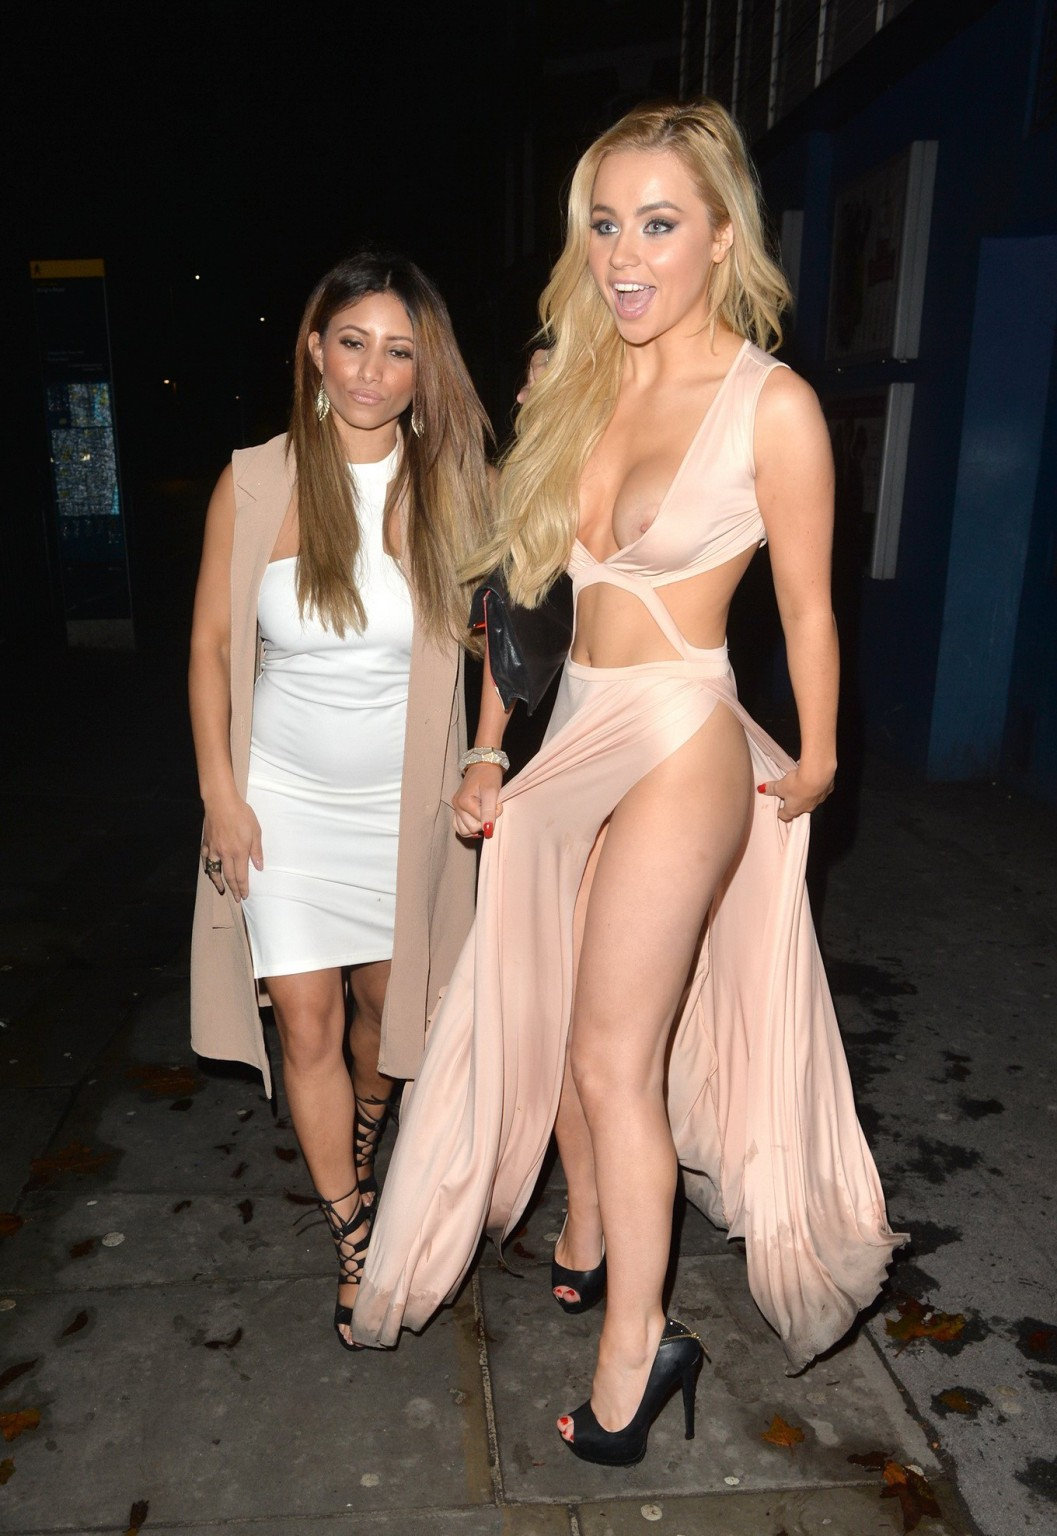 Мелисса Ривес ходит по клубах в просто ошеломляюще откровенных платьях из-под которых торчат сиськи